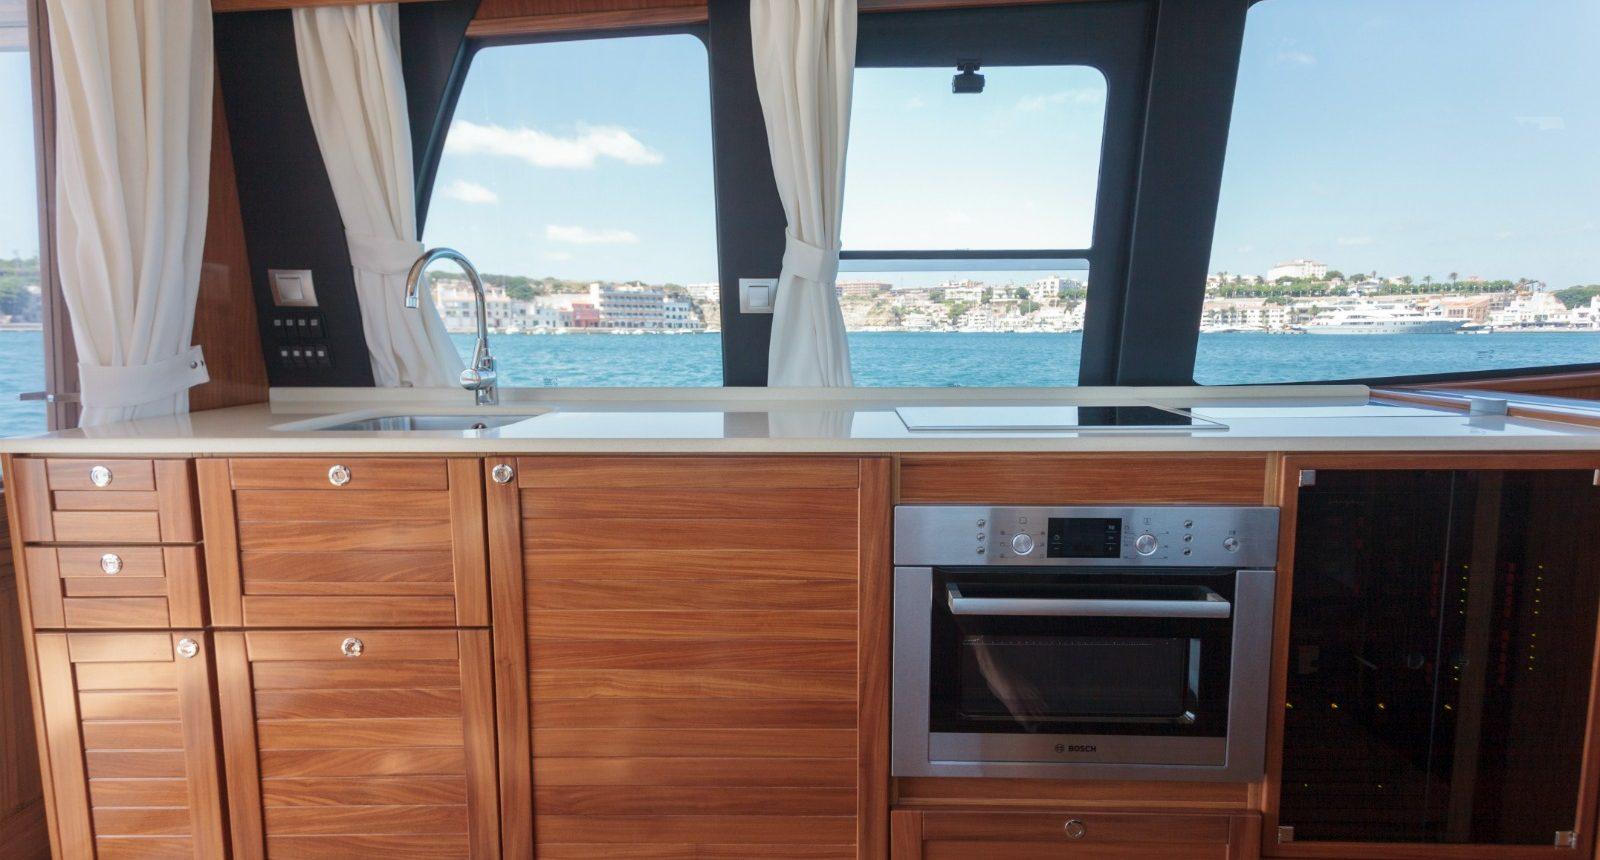 Minorca Islander 42 for sale - galley